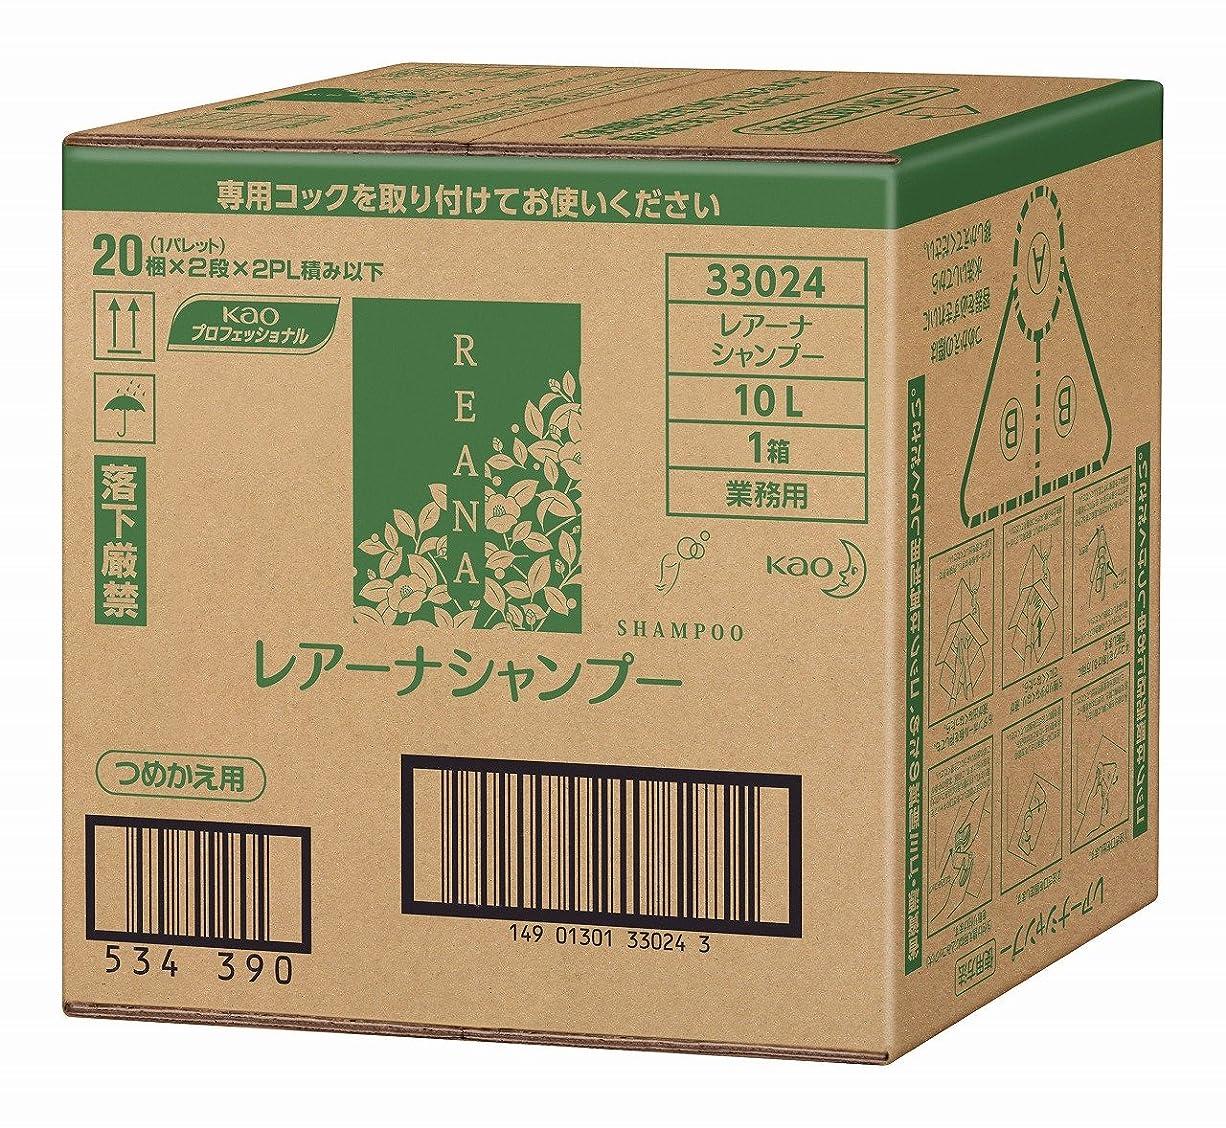 値する高潔な不純花王 レアーナ シャンプー 10L